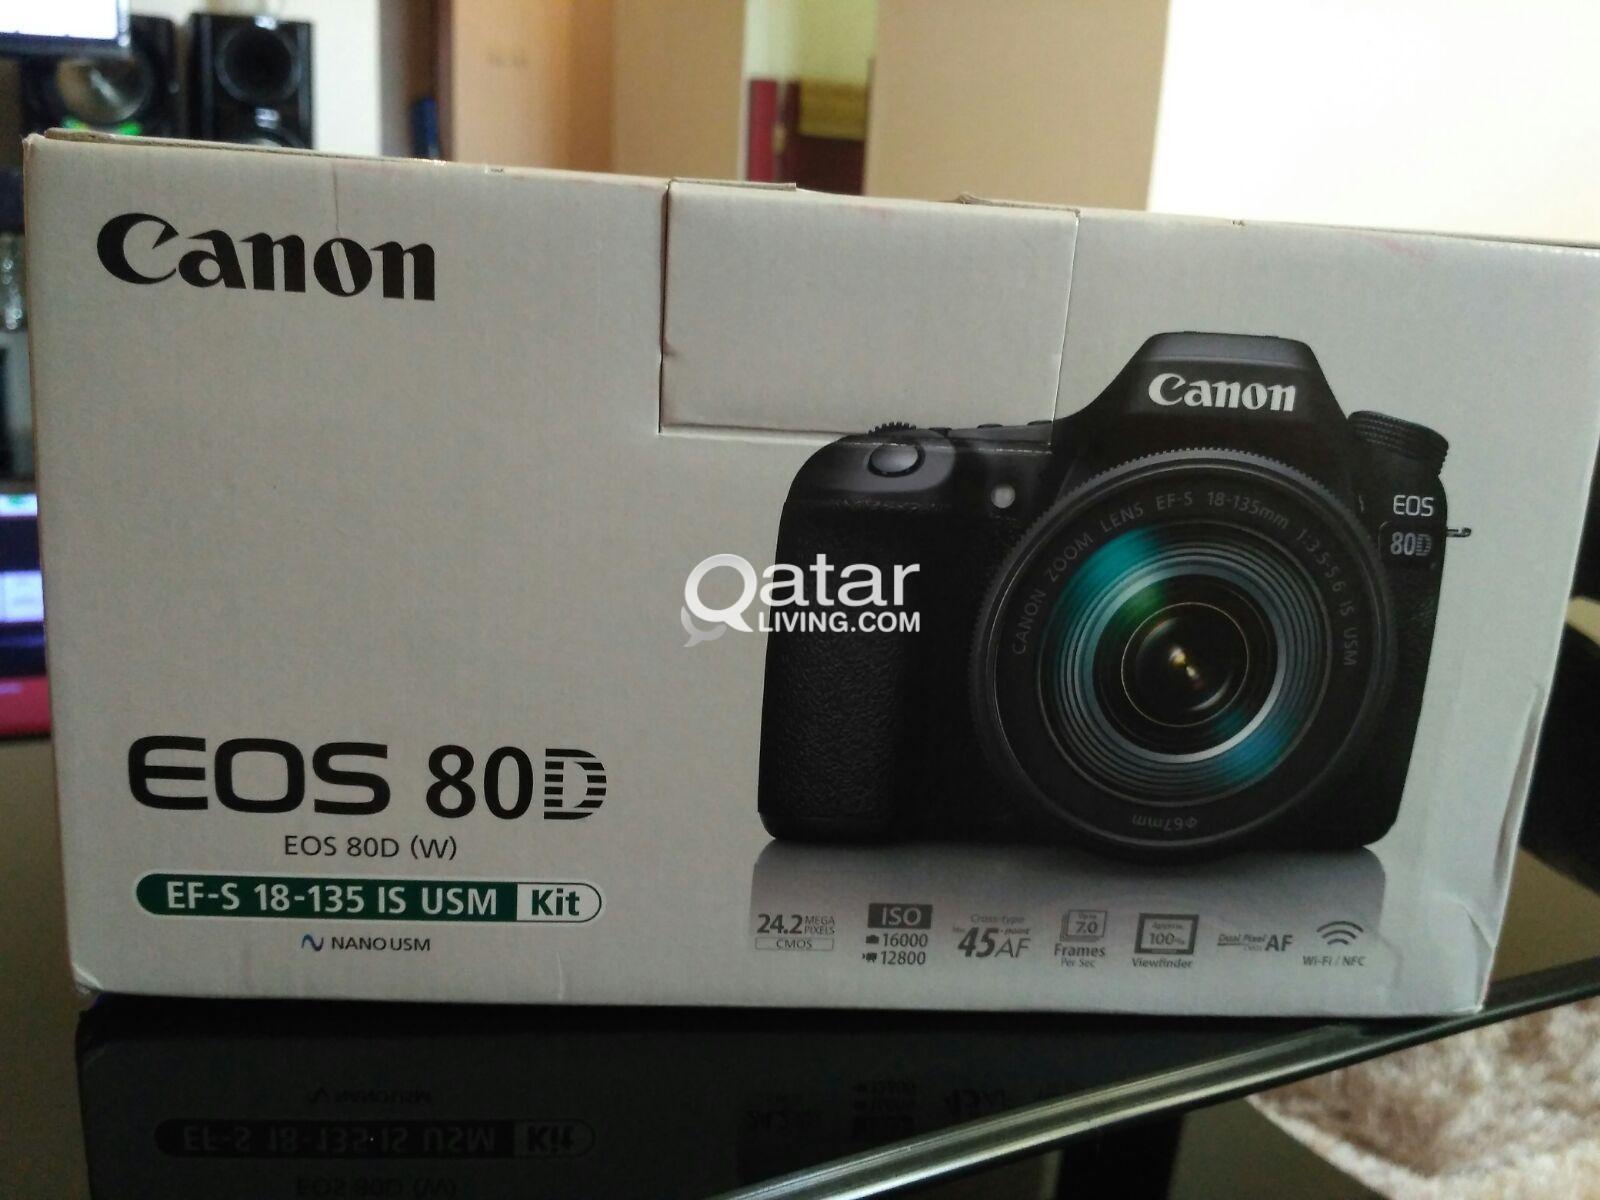 Canon Eos 80d 18 135 Usm Kit 242mp Wifi Nfc Fullhd Dslr Camera 70d Lens 4